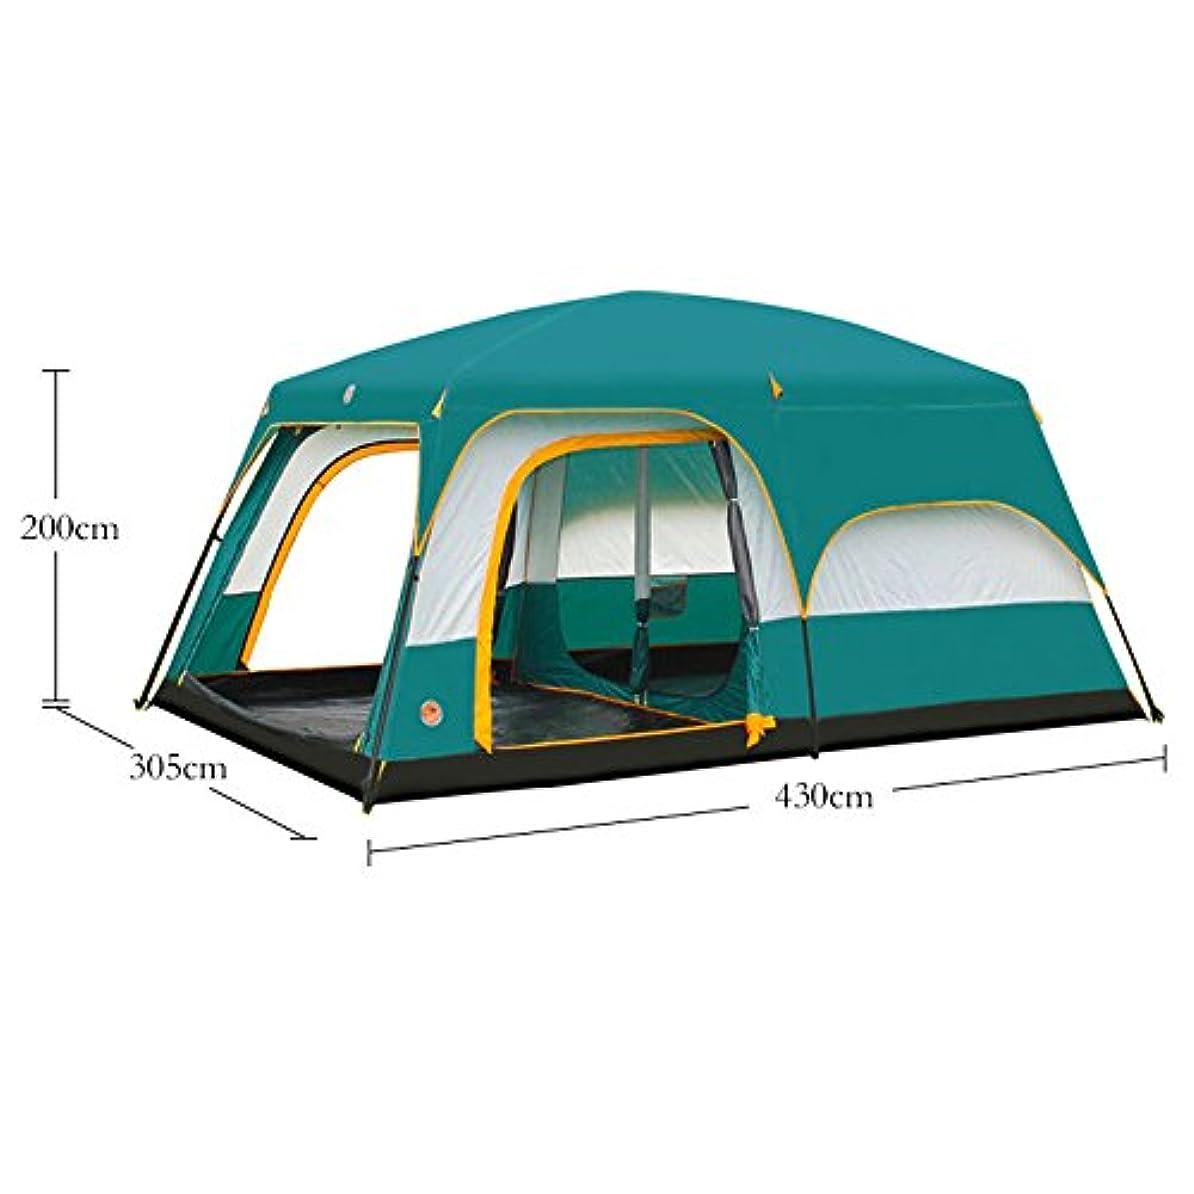 いわゆる在庫生態学ツールームテント スクリーン付き テント グリーン 最大12人収容可能 キャンプ 用品 通気性 防虫 防水 防風 UVカット